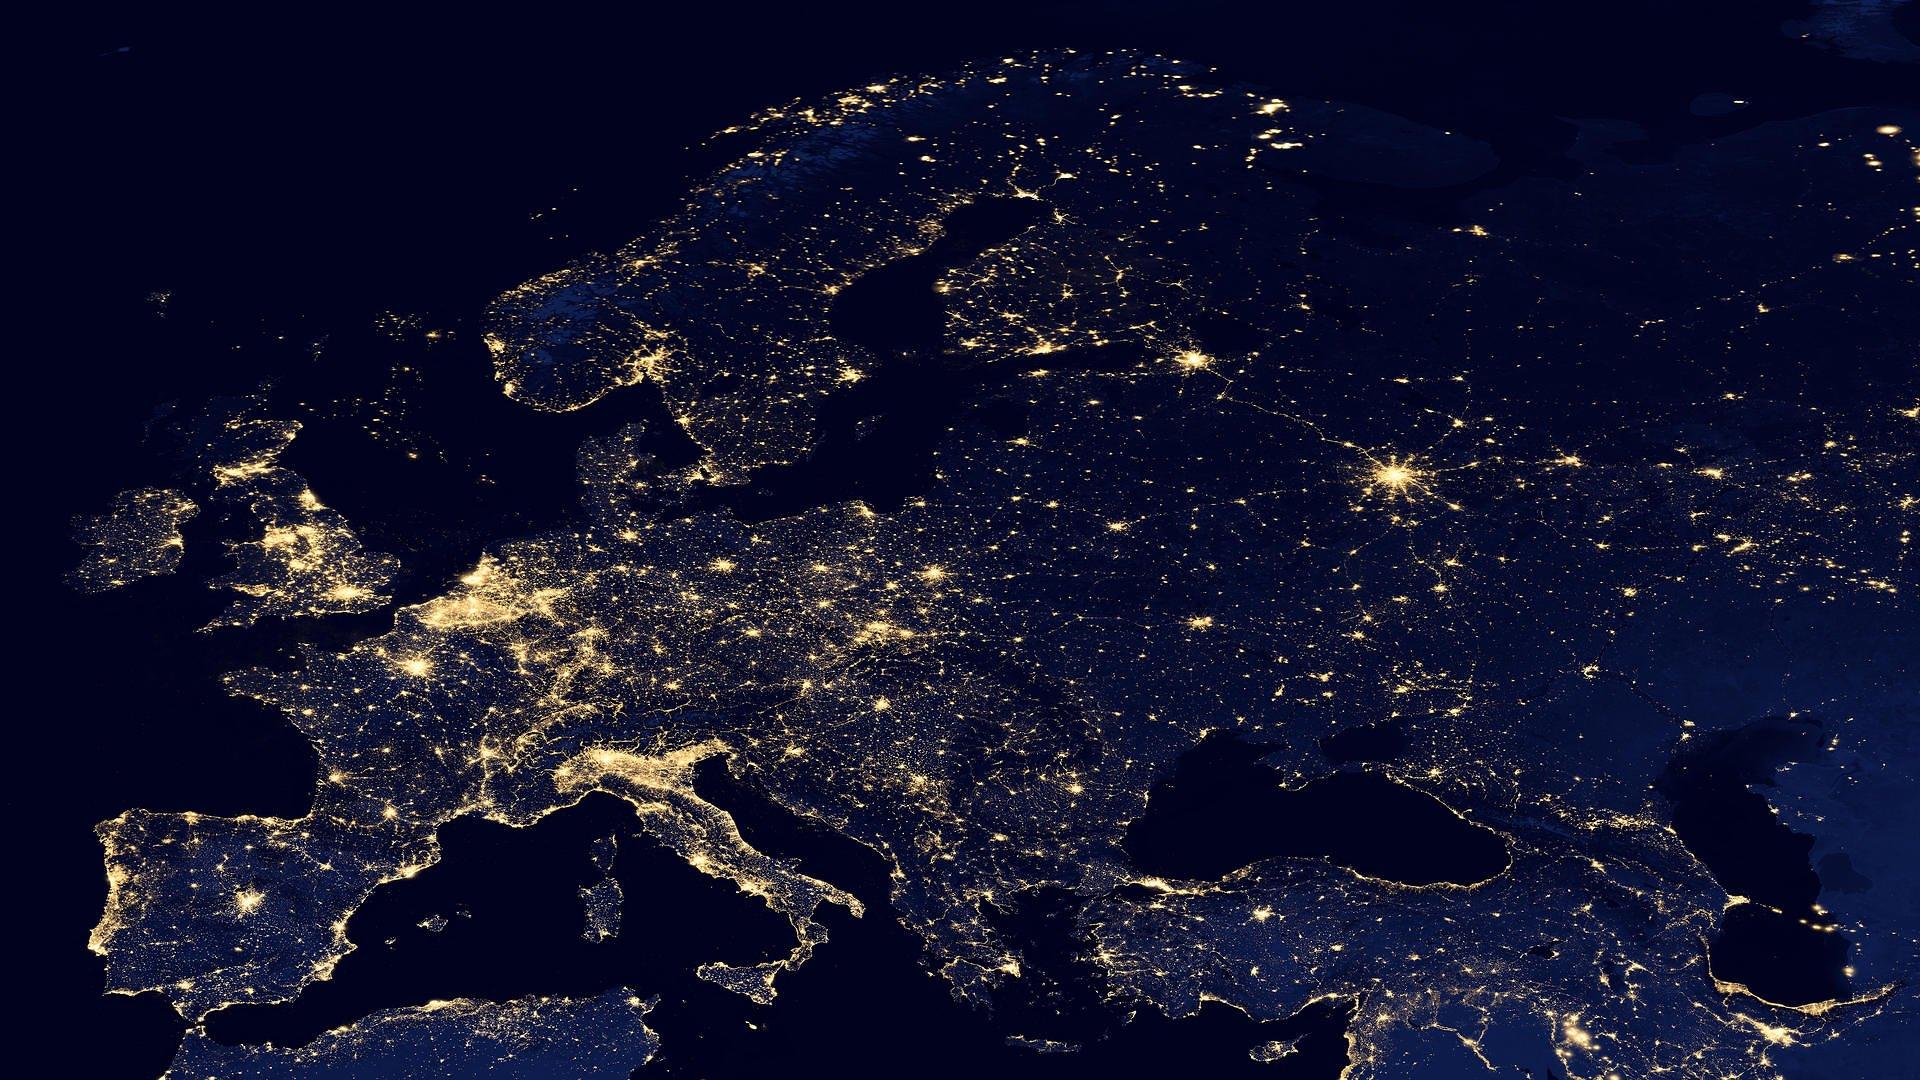 Ảnh Trái Đất nhìn từ vệ tinh trên cao